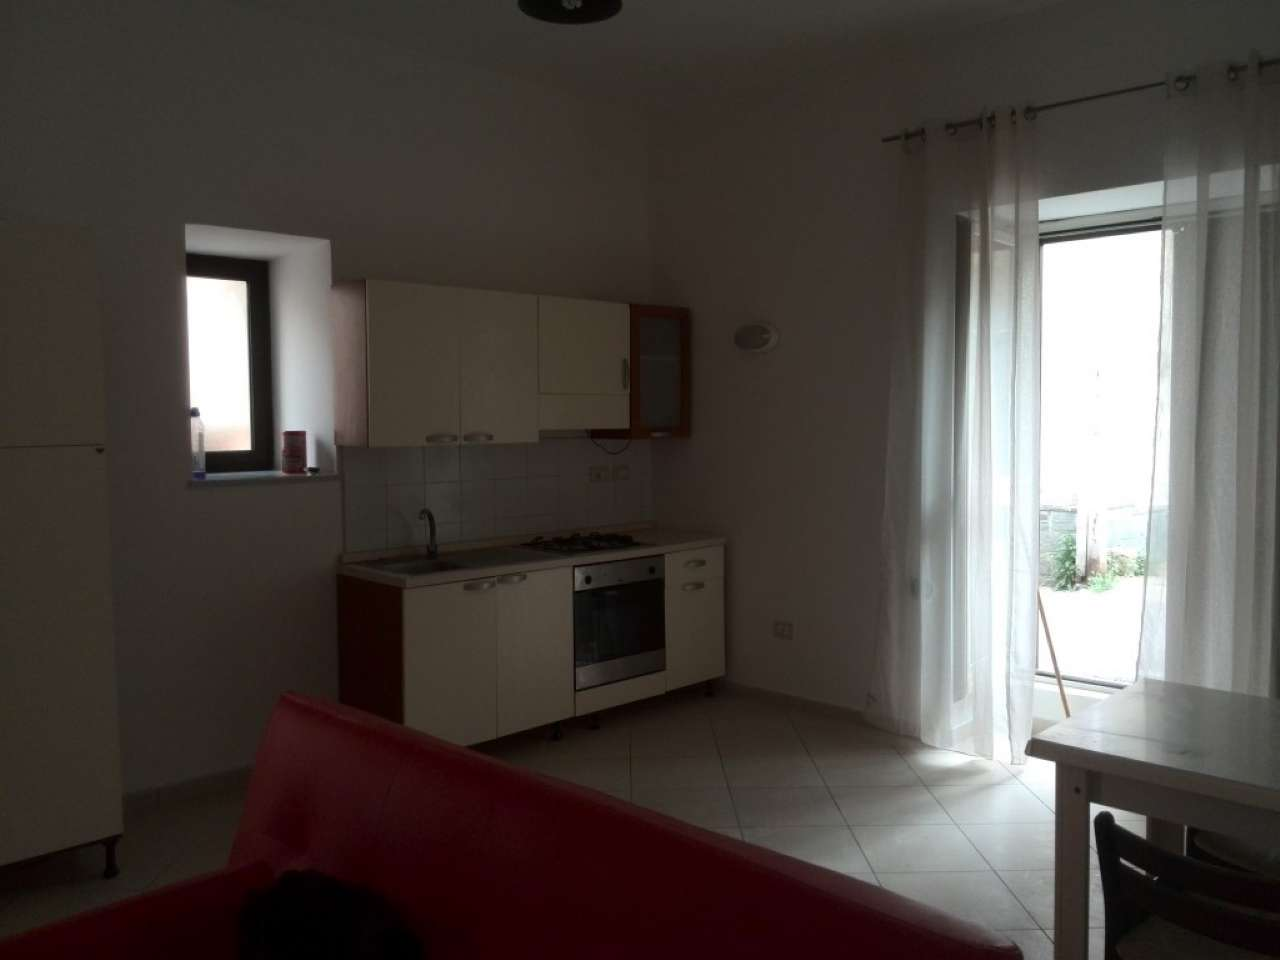 Appartamento in affitto a Caserta, 2 locali, prezzo € 350 | Cambio Casa.it